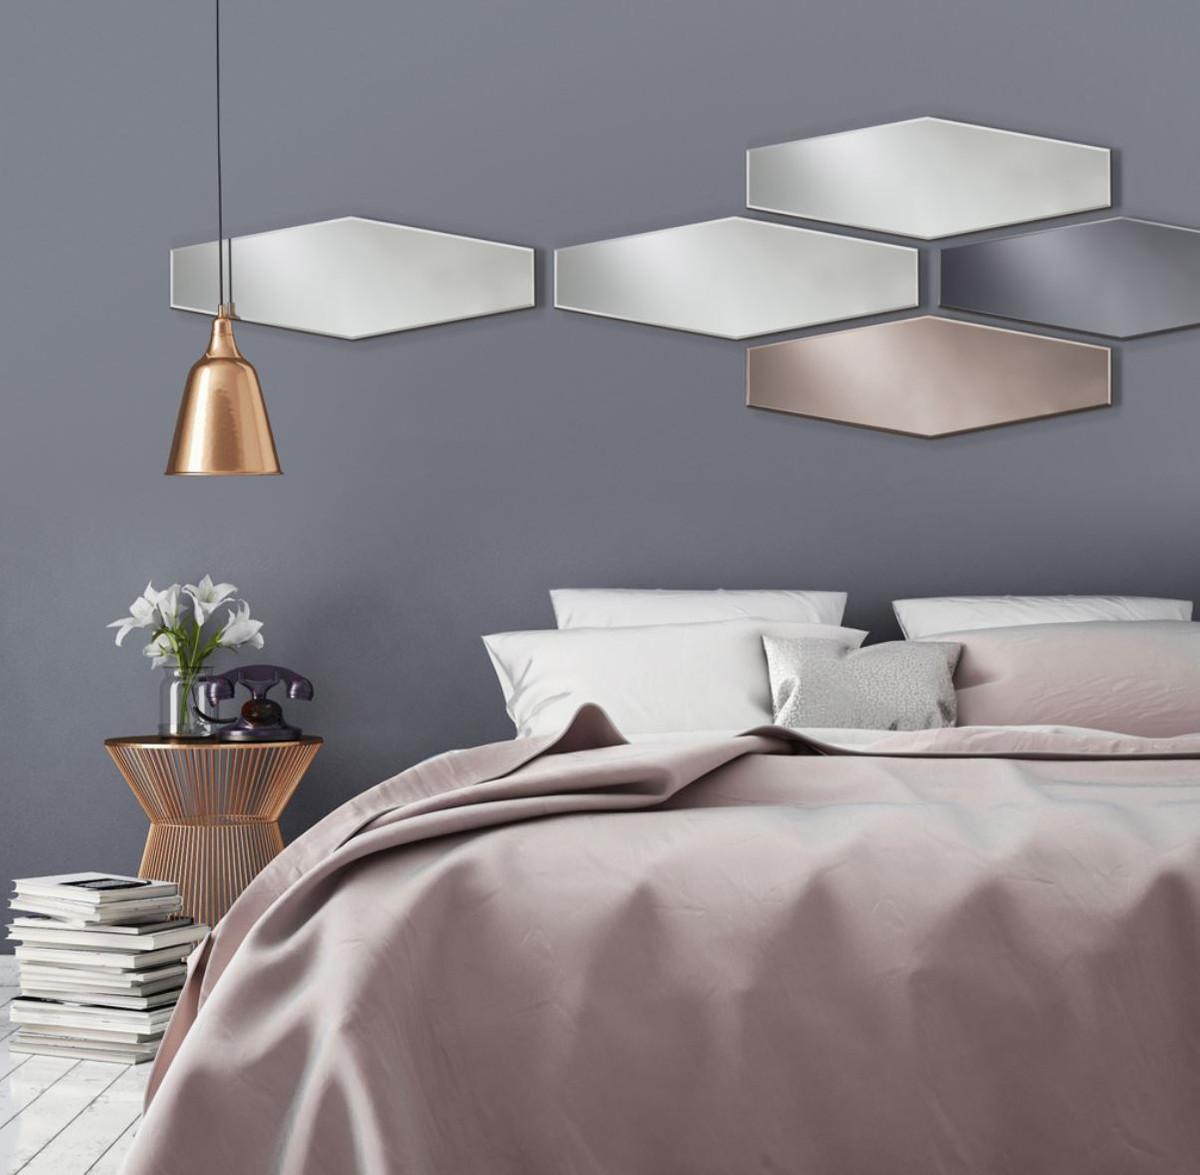 casa padrino designer spiegel grau 27 x h 80 cm designer kollektion spiegel luxus spiegel. Black Bedroom Furniture Sets. Home Design Ideas